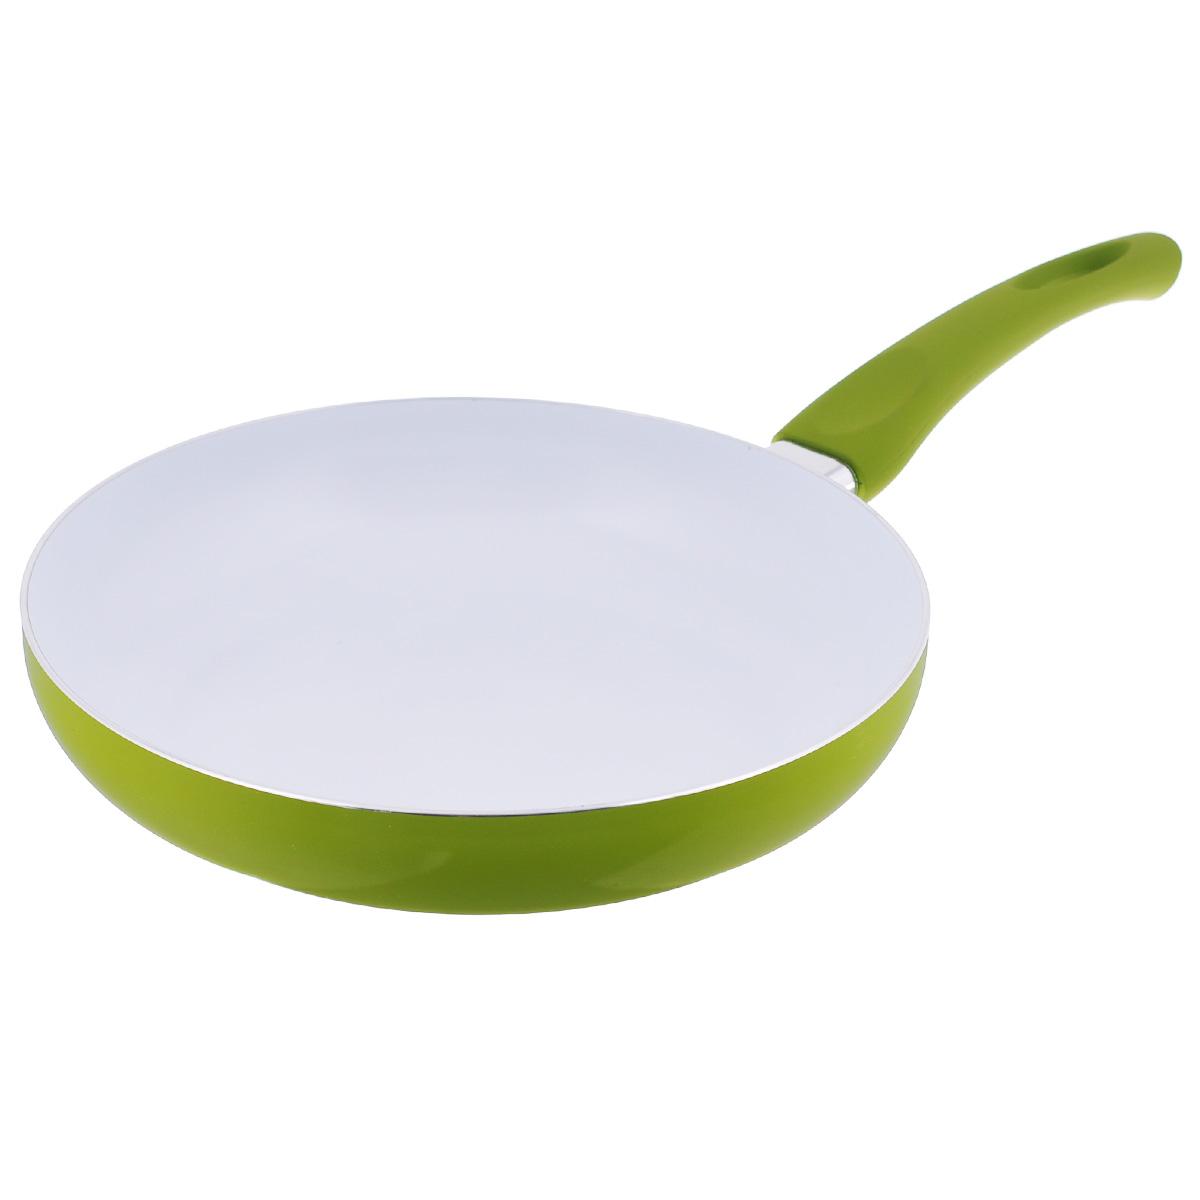 Сковорода Mayer & Boch, с керамическим покрытием, цвет: салатовый. Диаметр 26 см. 2076520765Сковорода Mayer & Boch изготовлена из литого алюминия с керамическим покрытием. Сковорода предназначена для здорового и экологичного приготовления пищи. Пища не пригорает и не прилипает к стенкам. Абсолютно гладкая поверхность легко моется. Посуда экологически чистая, не содержит примеси ПФОК. Рукоятка специального дизайна, выполненная из пластика с силиконовым покрытием, удобна и комфортна в эксплуатации. Внешнее цветное покрытие устойчиво к воздействию высоких температур. Можно использовать на газовых, галогенных, электрических плитах. Не подходит для индукционных плит. Можно мыть в посудомоечной машине. Высота стенки: 5,2 см. Толщина стенки: 2,5 мм. Толщина дна: 3,5 мм. Длина ручки: 19 см.